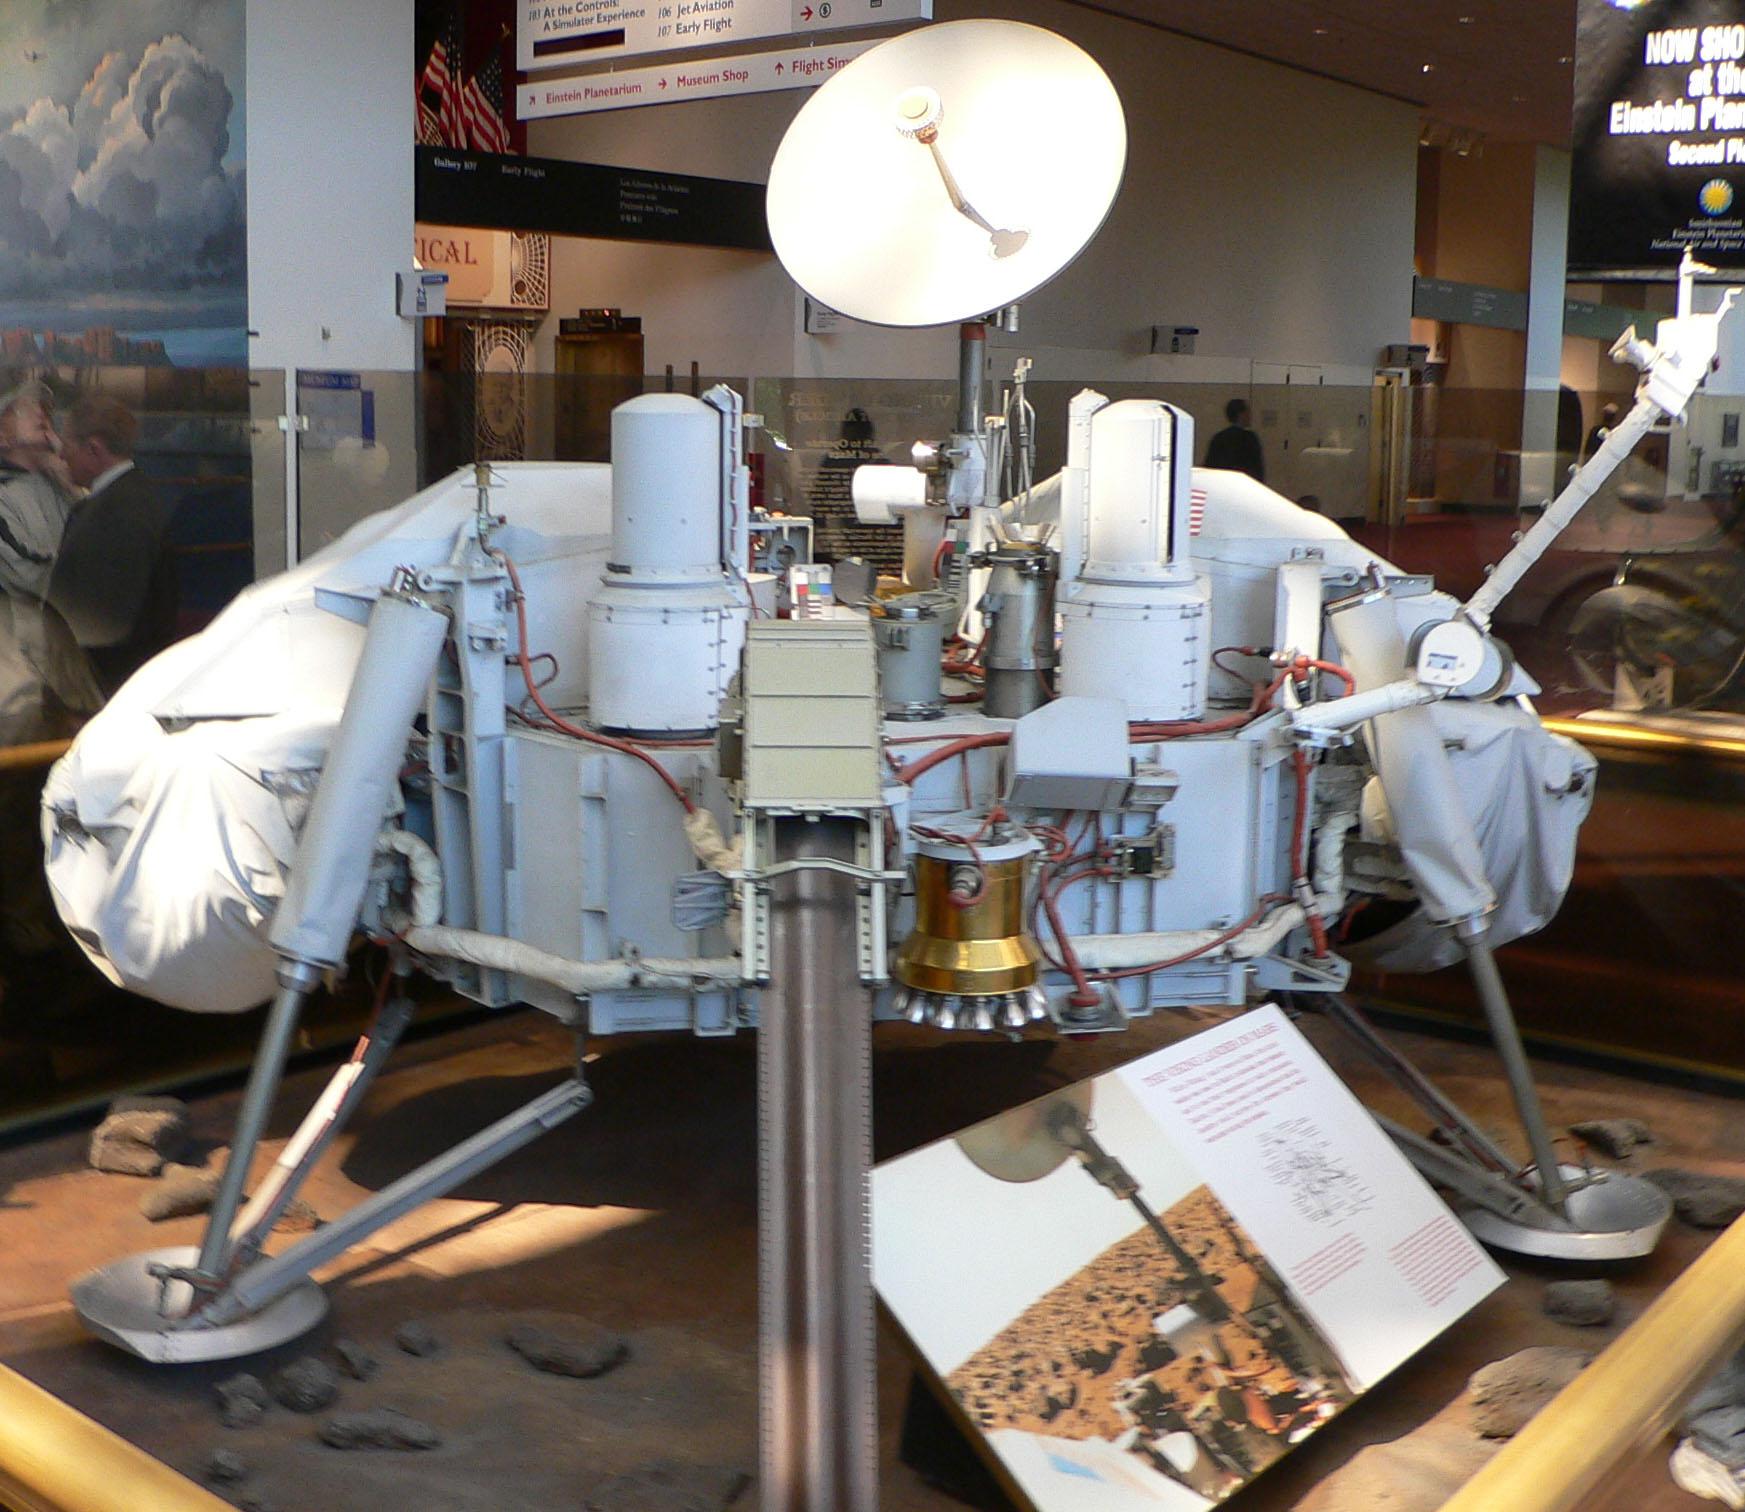 Podemos perceber nessa réplica da Sonda Viking que ela não possui rodas! (foto: Reprodução/Wikipédia)